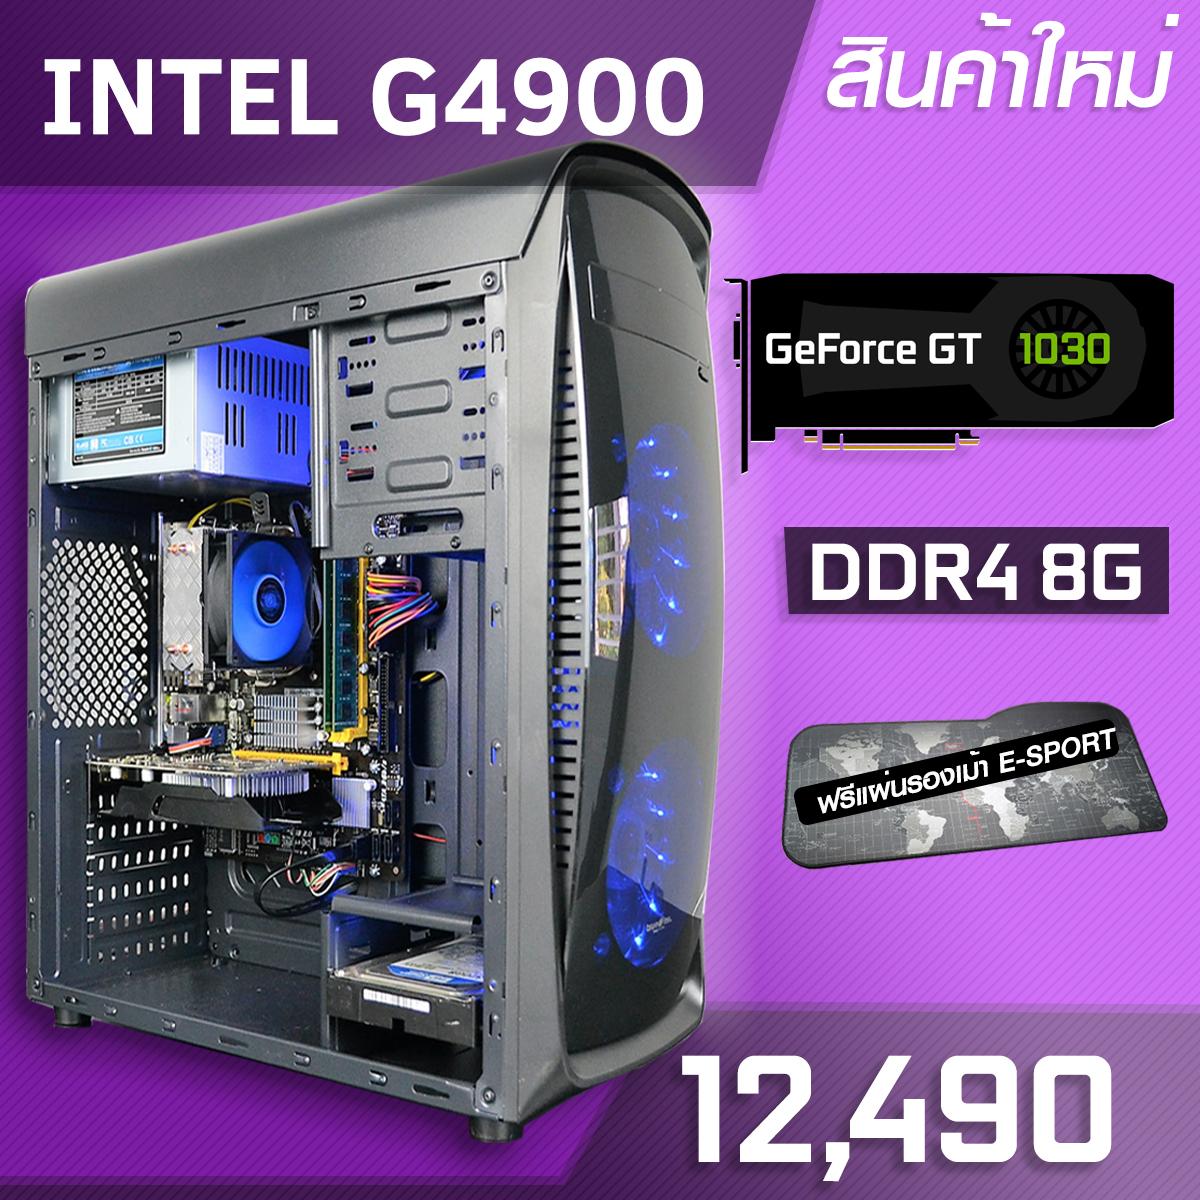 INTEL G4900 | DDR4 BUS 2400 8G | GT1030 | 1TB 7200RPM